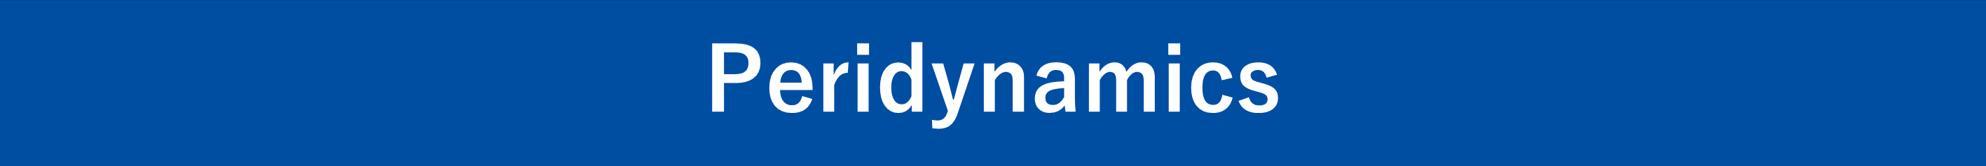 Peridynamics